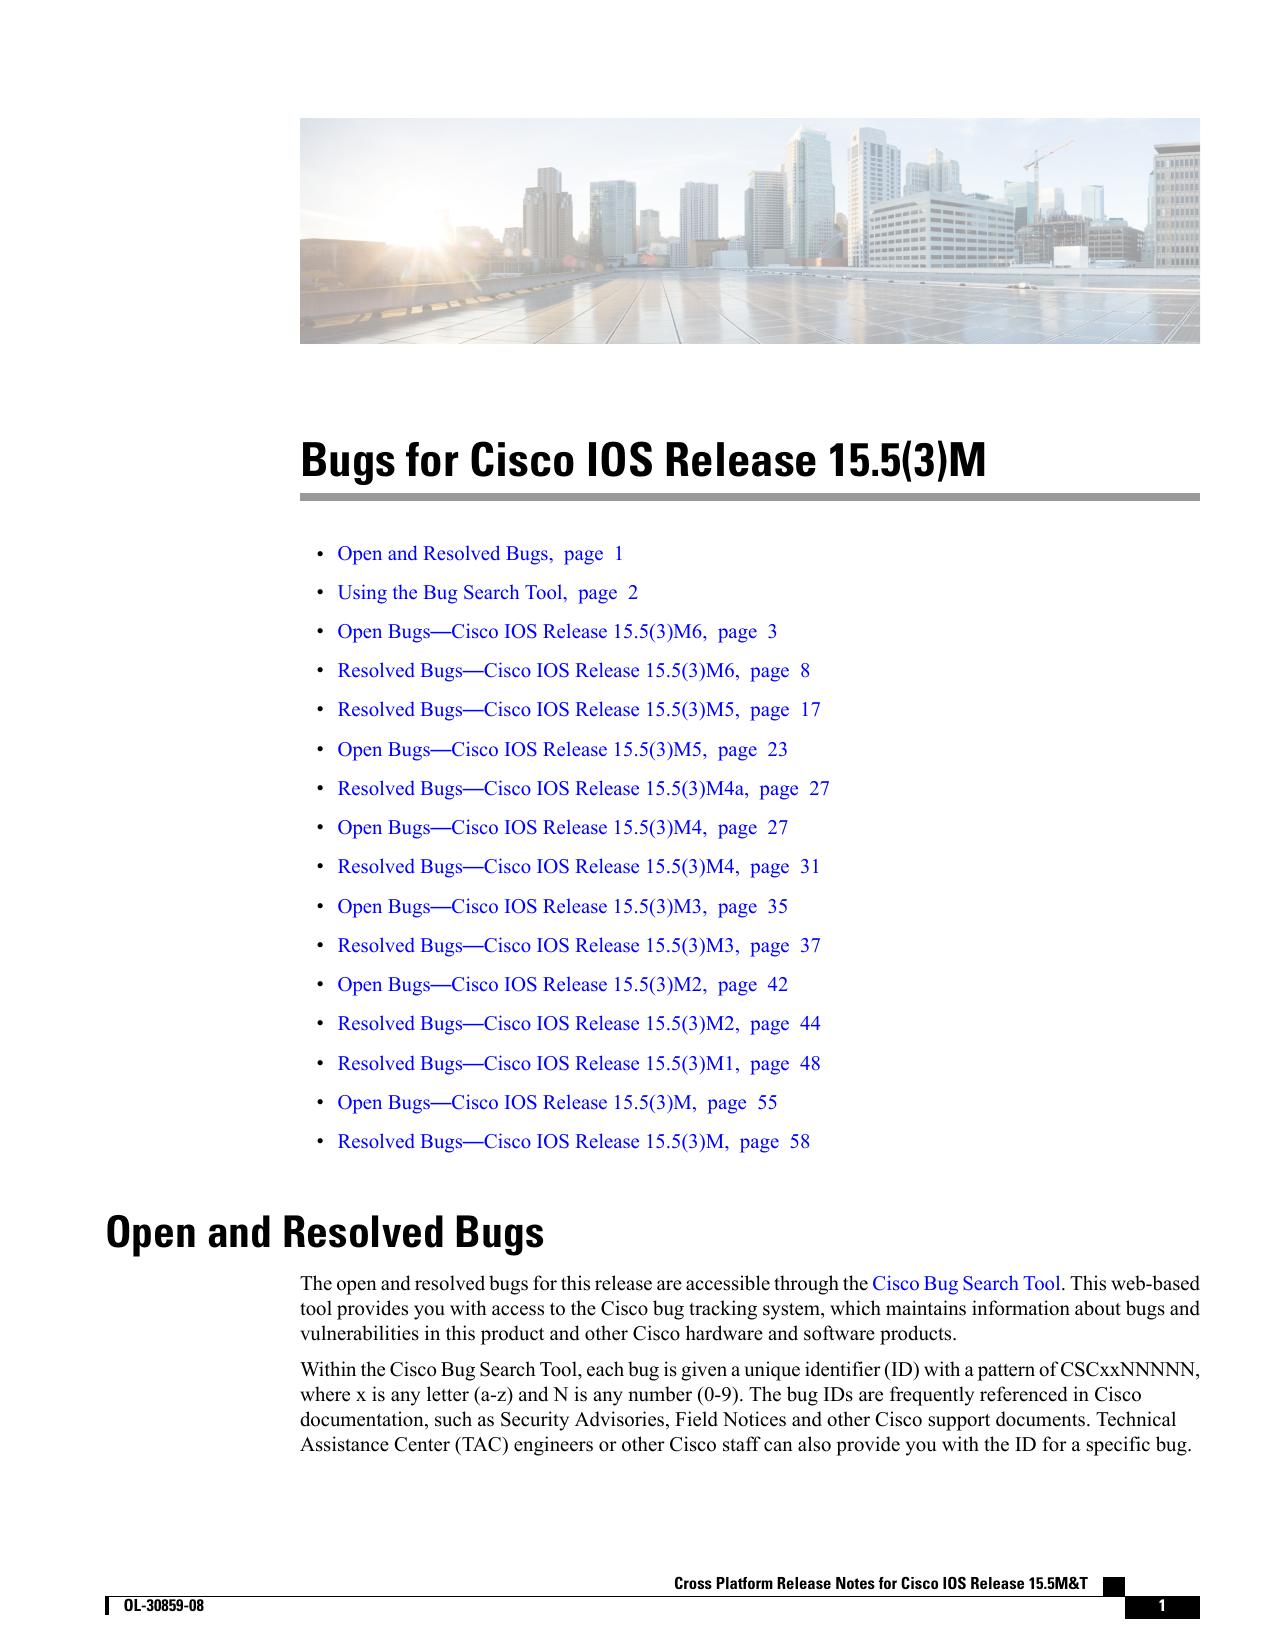 Bugs for Cisco IOS Release 15 5(3)M | manualzz com